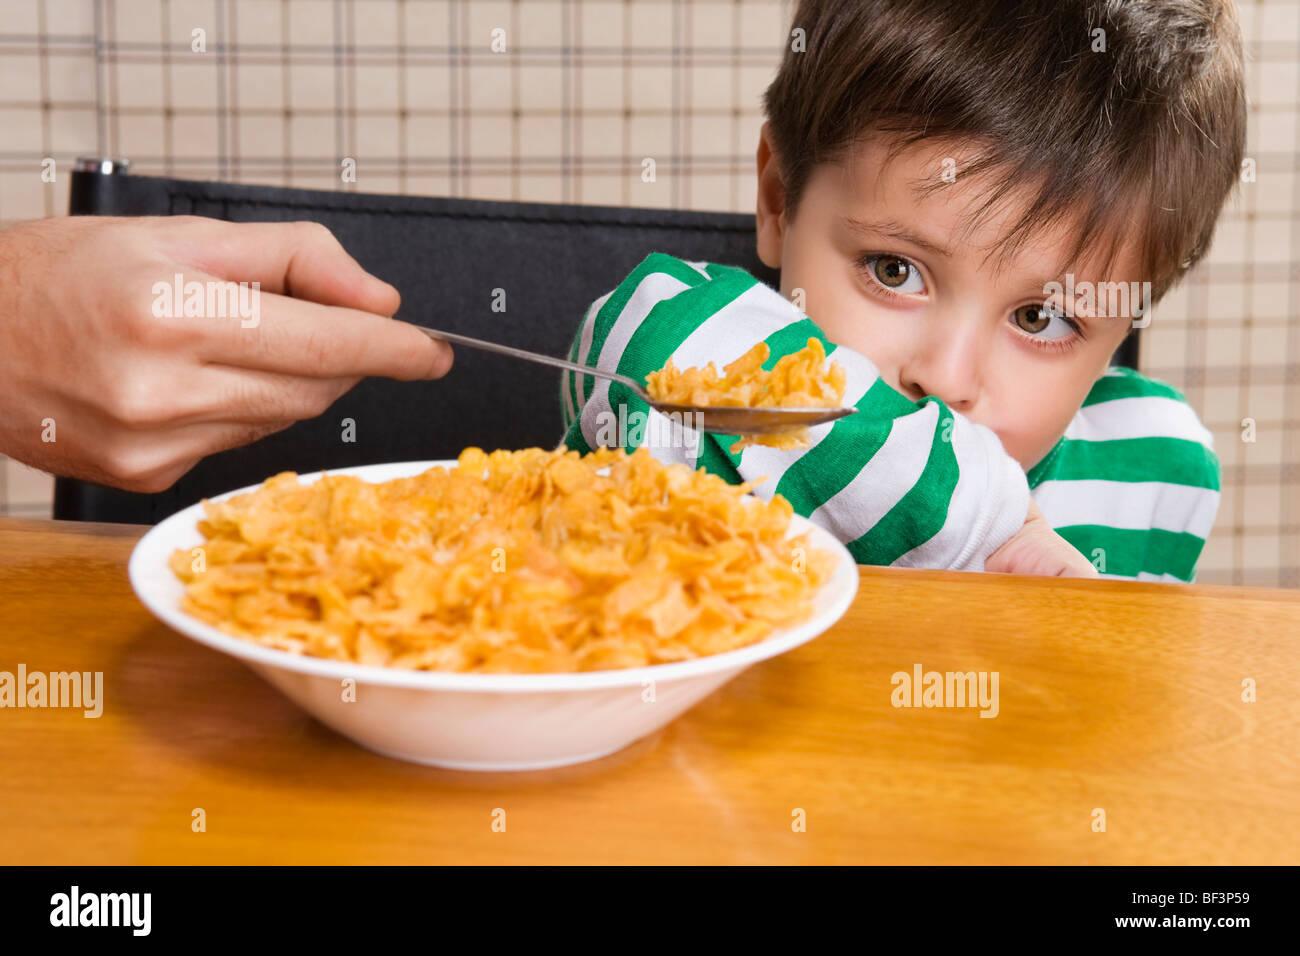 Nahaufnahme eines jungen verweigern Cornflakes Stockfoto